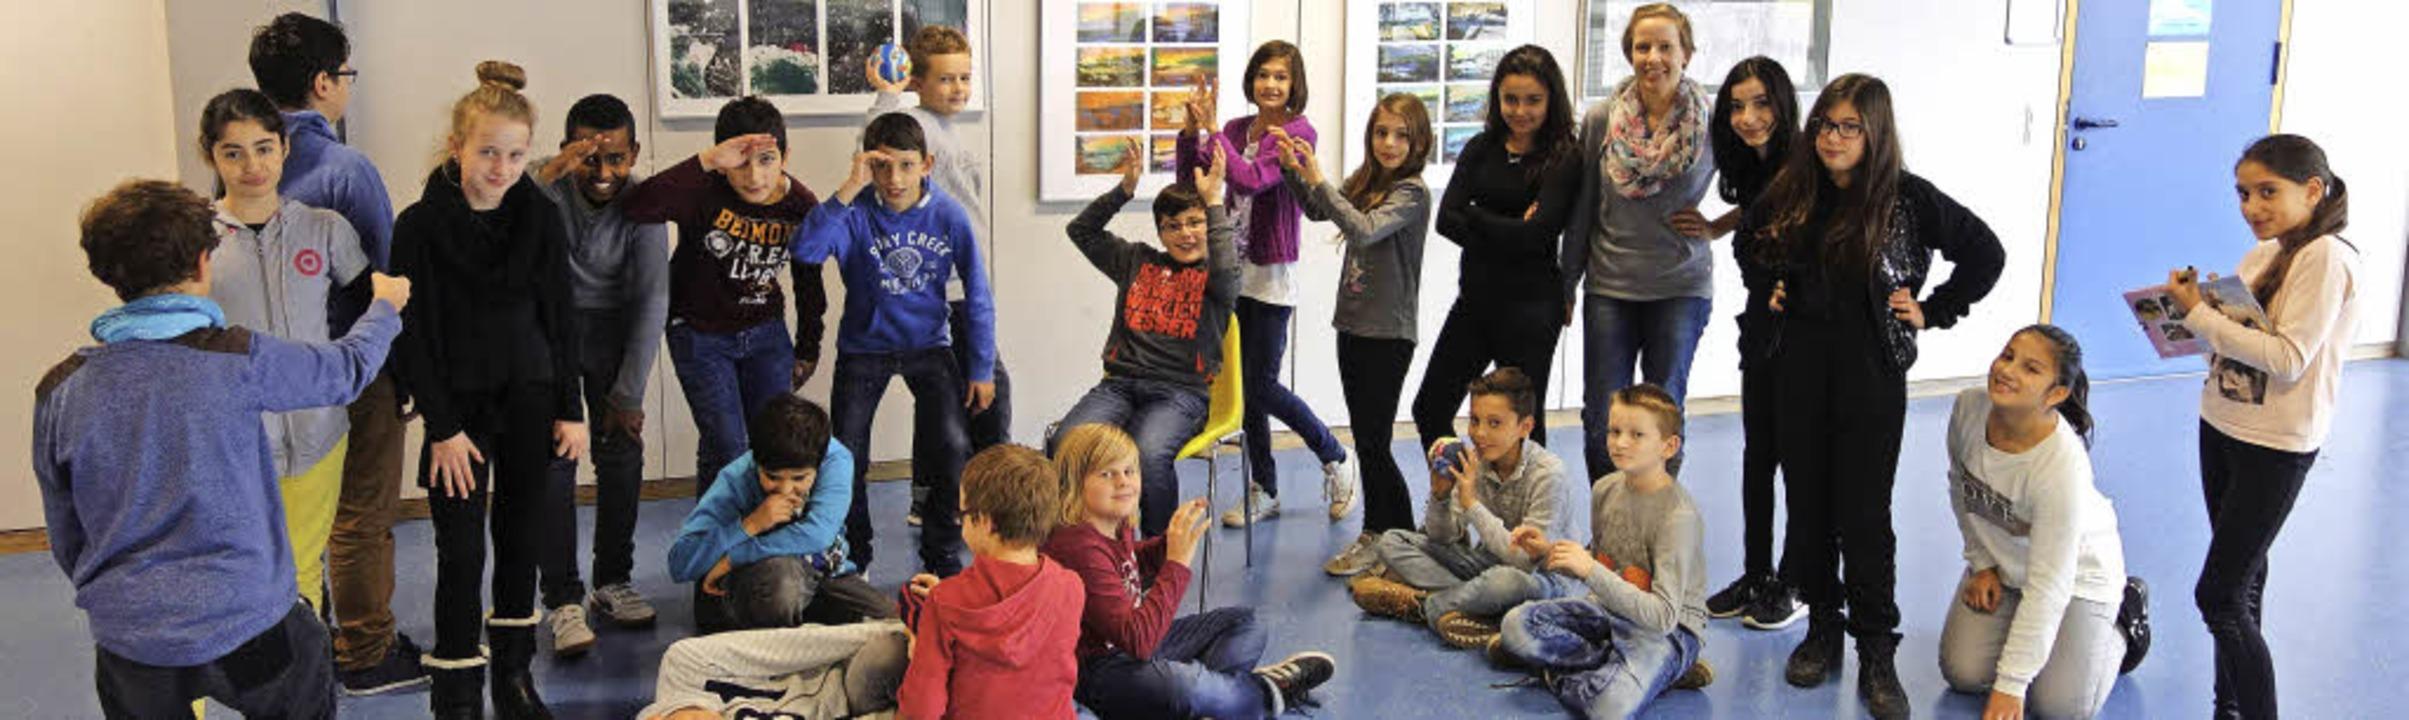 Schüler der Realschule beschäftigen sich spielerisch mit den Kinderrechten.   | Foto: Privat